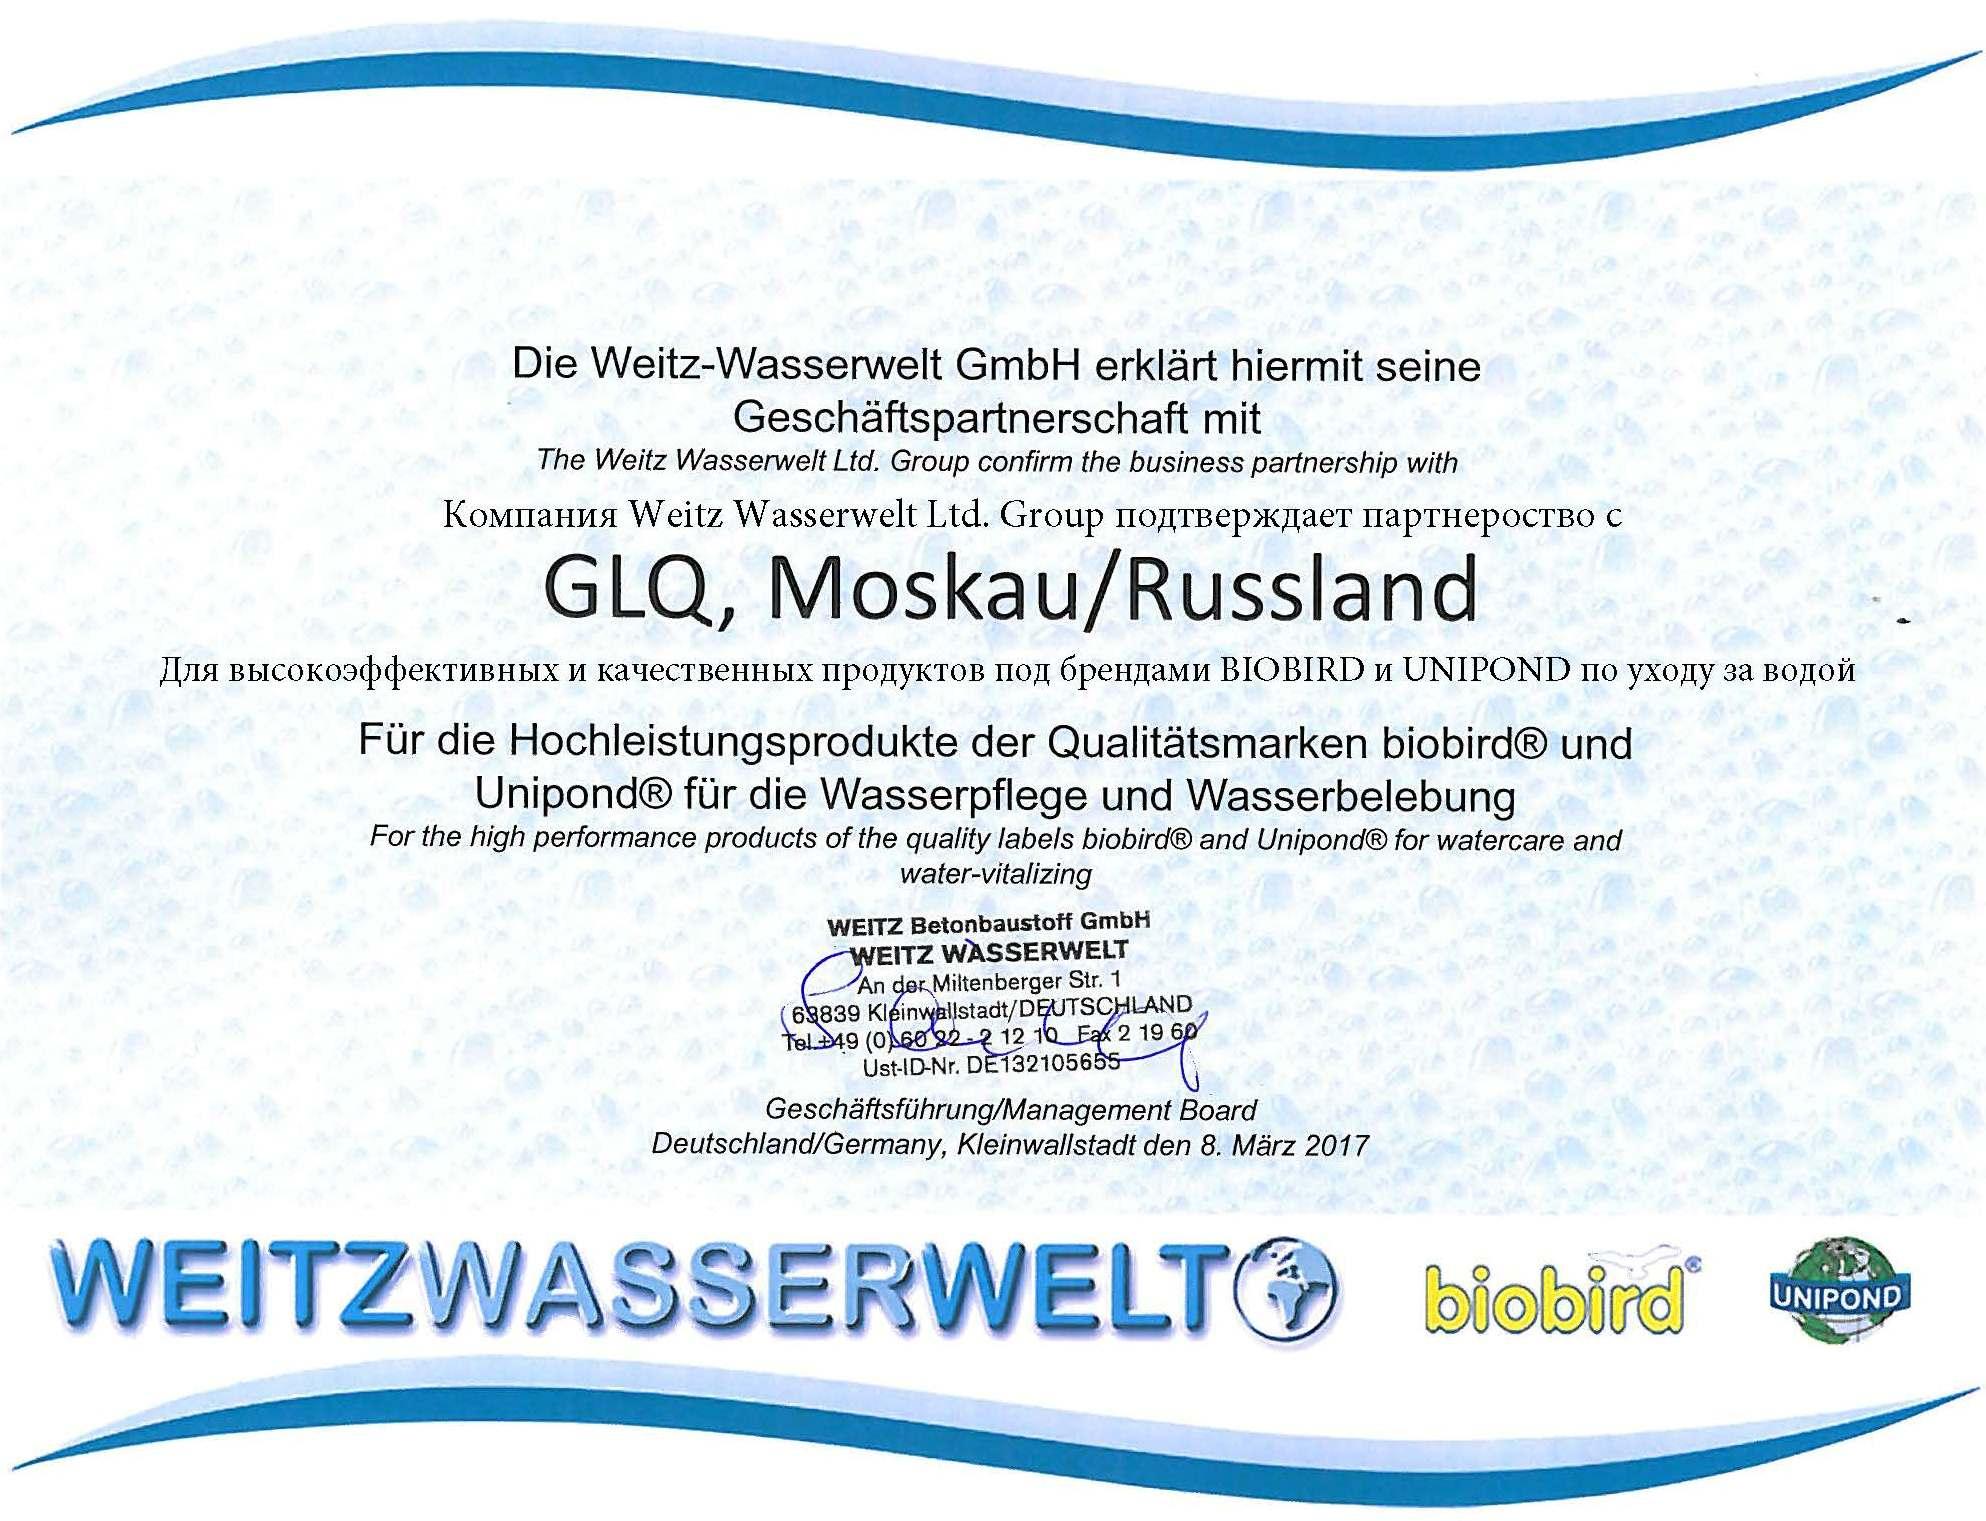 Компания Weitz WasserWelt - одна из ведущих европейских фирм-производителей препаратов по уходу за водой в садовых водоемах.   Наши продукты, представлены на российском рынке торговыми марками GLQ, Unipond и Biobird, успешно используются в садовых прудах, в водоёмах для разведения рыб, в плавательных бассейнах, в водоемах для купания, в фонтанных сооружениях.